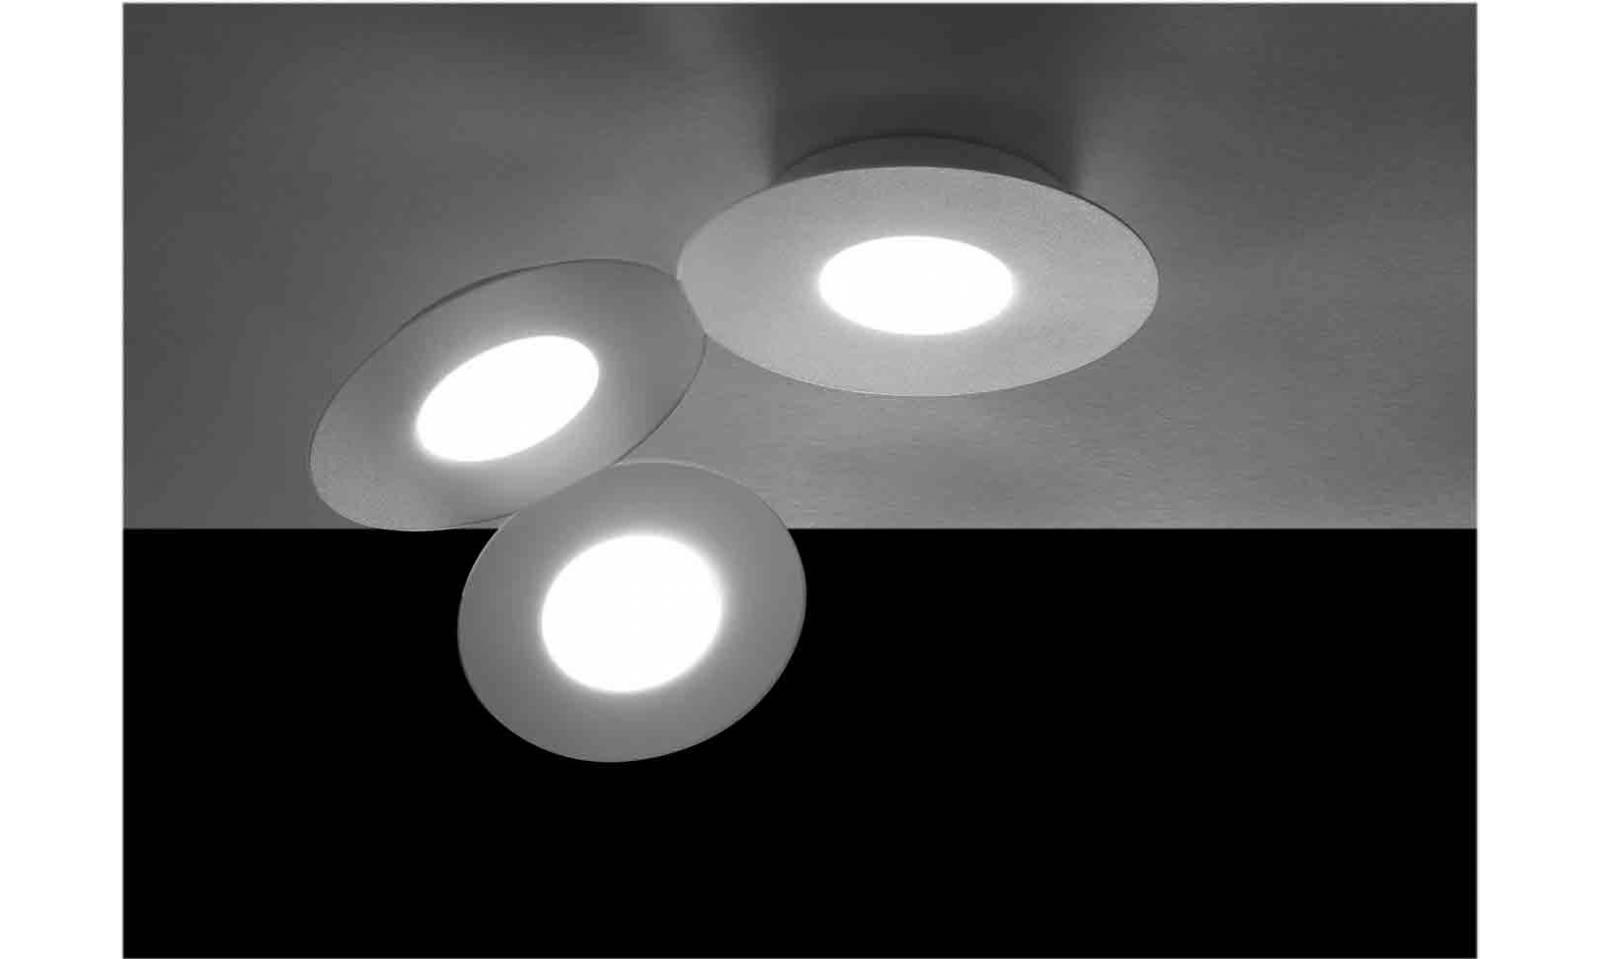 Plafoniere Led Moderne Design : Cattaneo mickey deckenleuchte moderne lampe